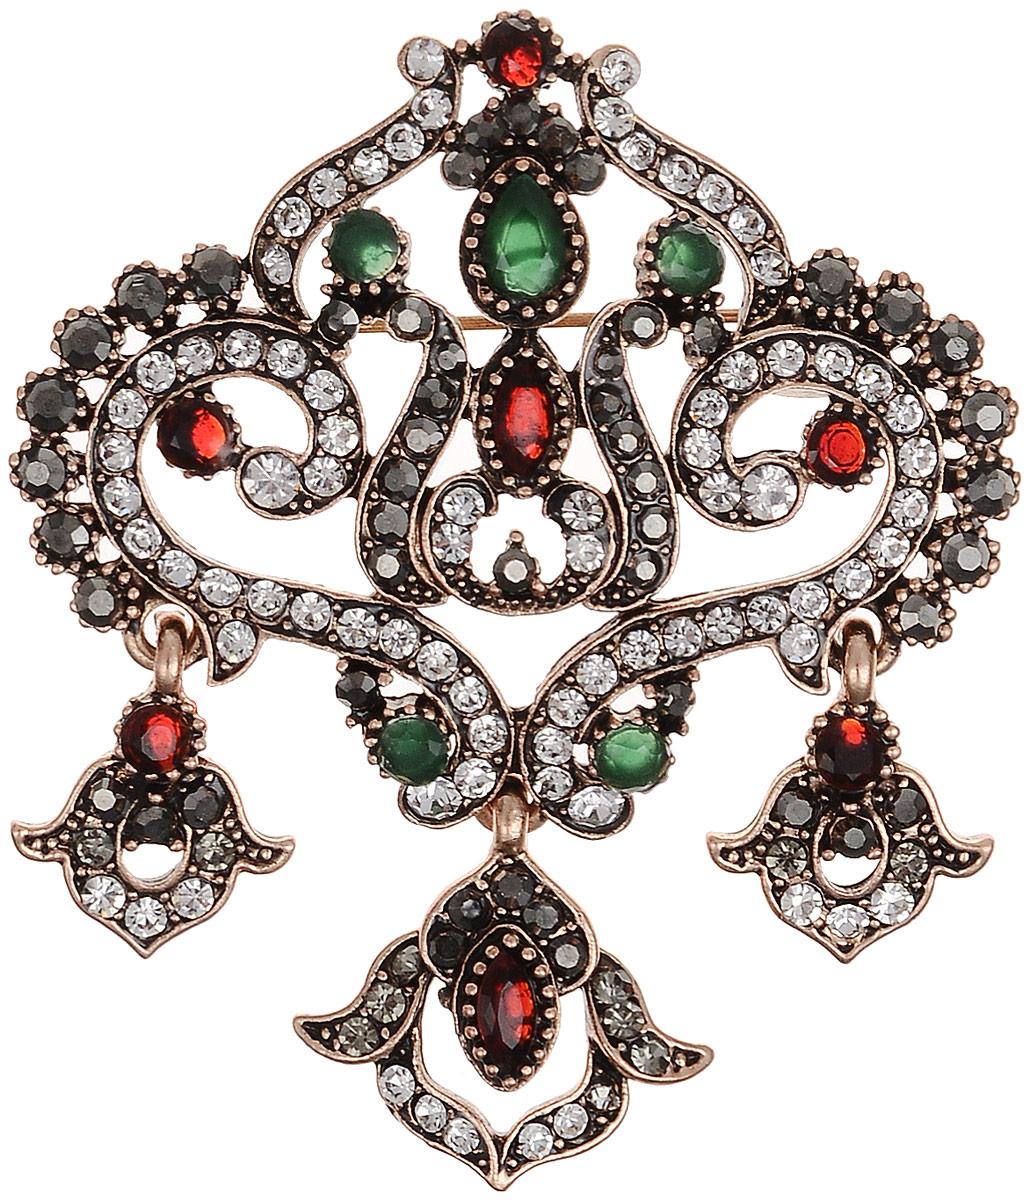 Брошь-кулон Мэрибель в византийском стиле от Arrina. Разноцветные кристаллы, прозрачные стразы, бижутерный сплав старое золото. ГонконгОС29205Брошь-кулон Мэрибель в византийском стиле от Arrina. Разноцветные кристаллы, прозрачные стразы, бижутерный сплав старое золото. Гонконг. Размер: 6 х 5 см. Тип крепления - булавка с застежкой. Имеется петелька для цепочки.